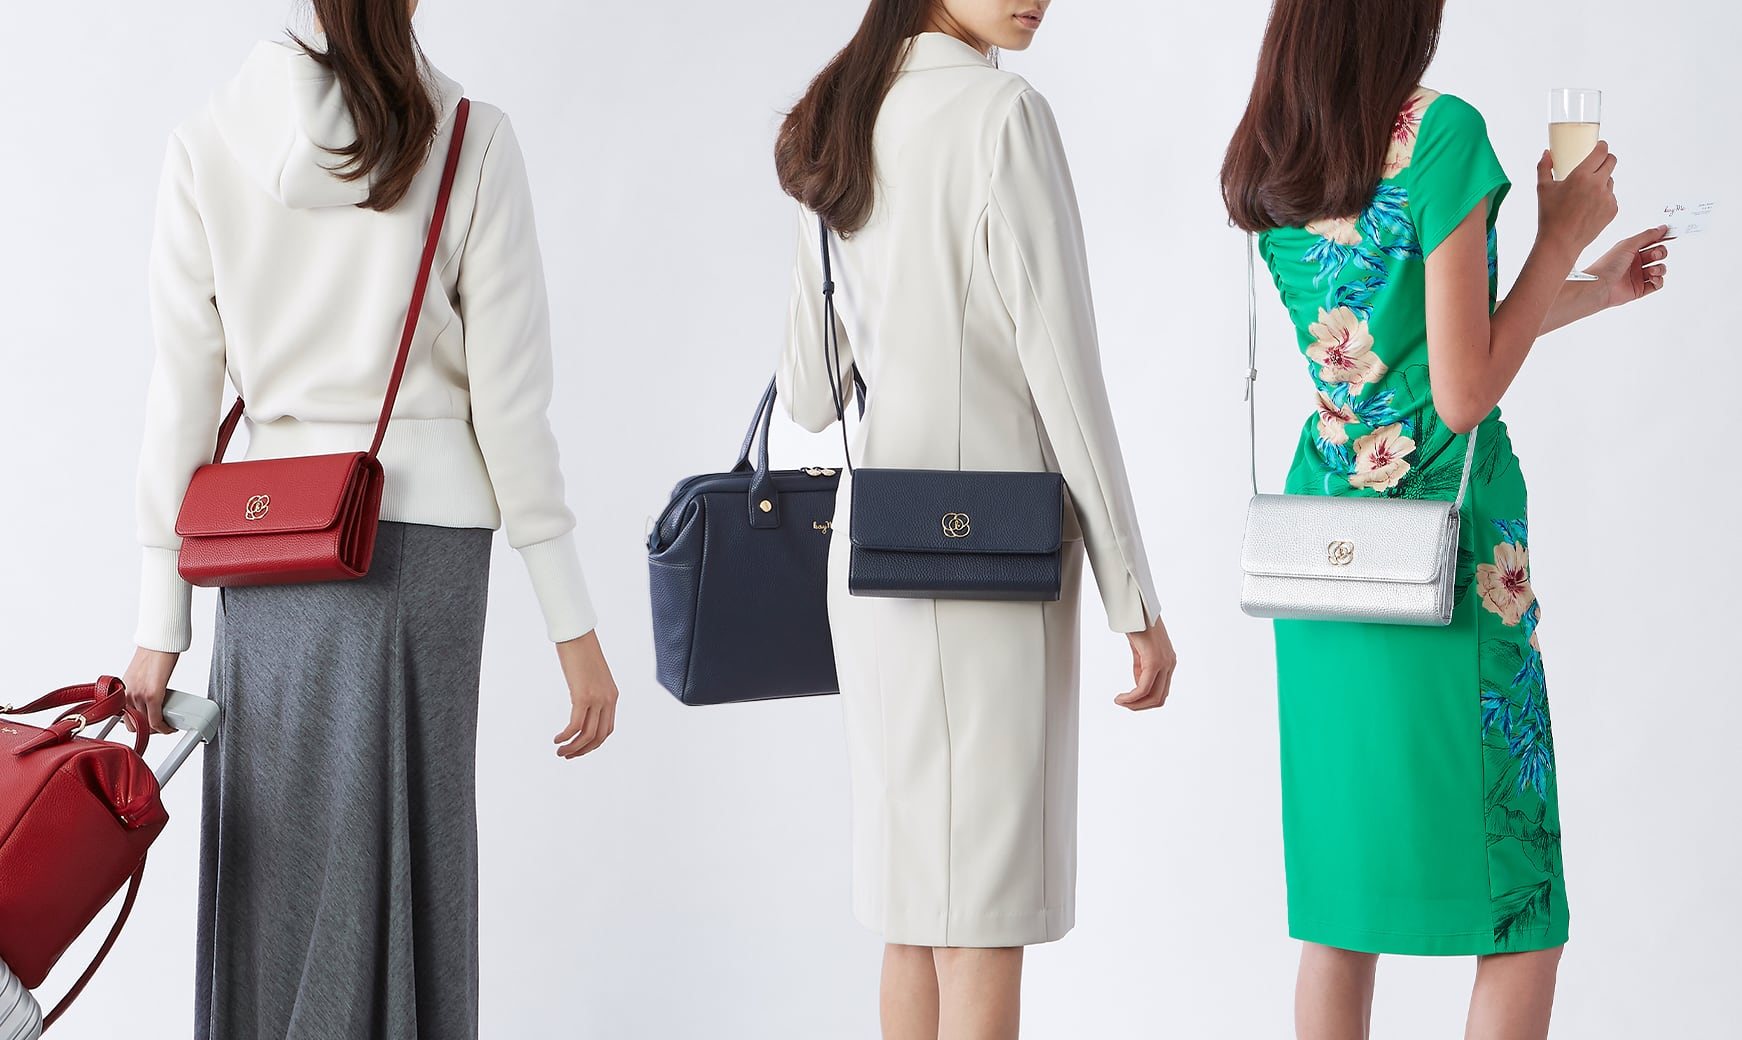 29_Pocket_Wallet_Bag_Three_Styles.jpg